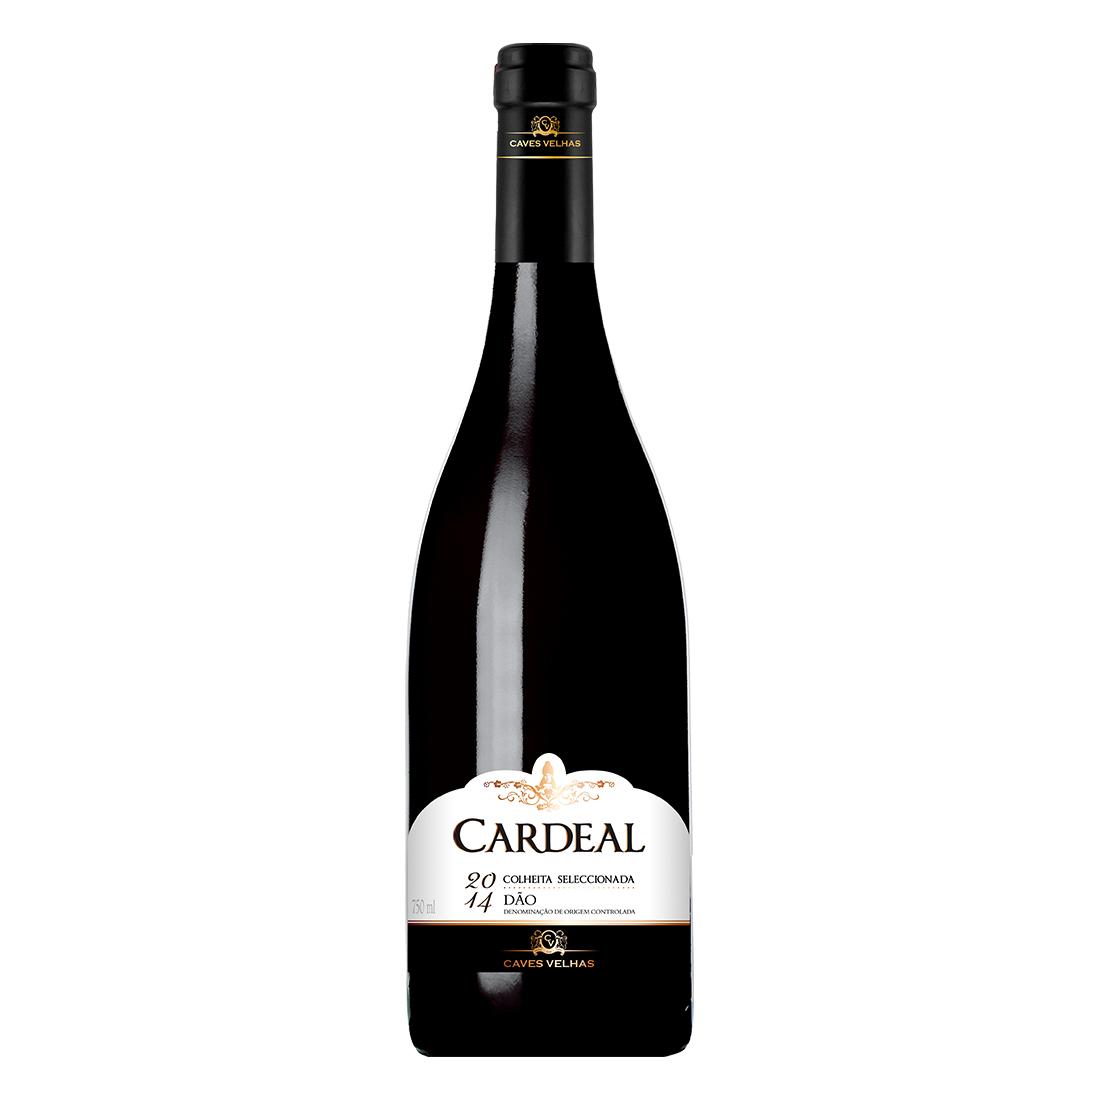 Vinho Dão Cardeal Colheita Selecionada DOC 750 ml